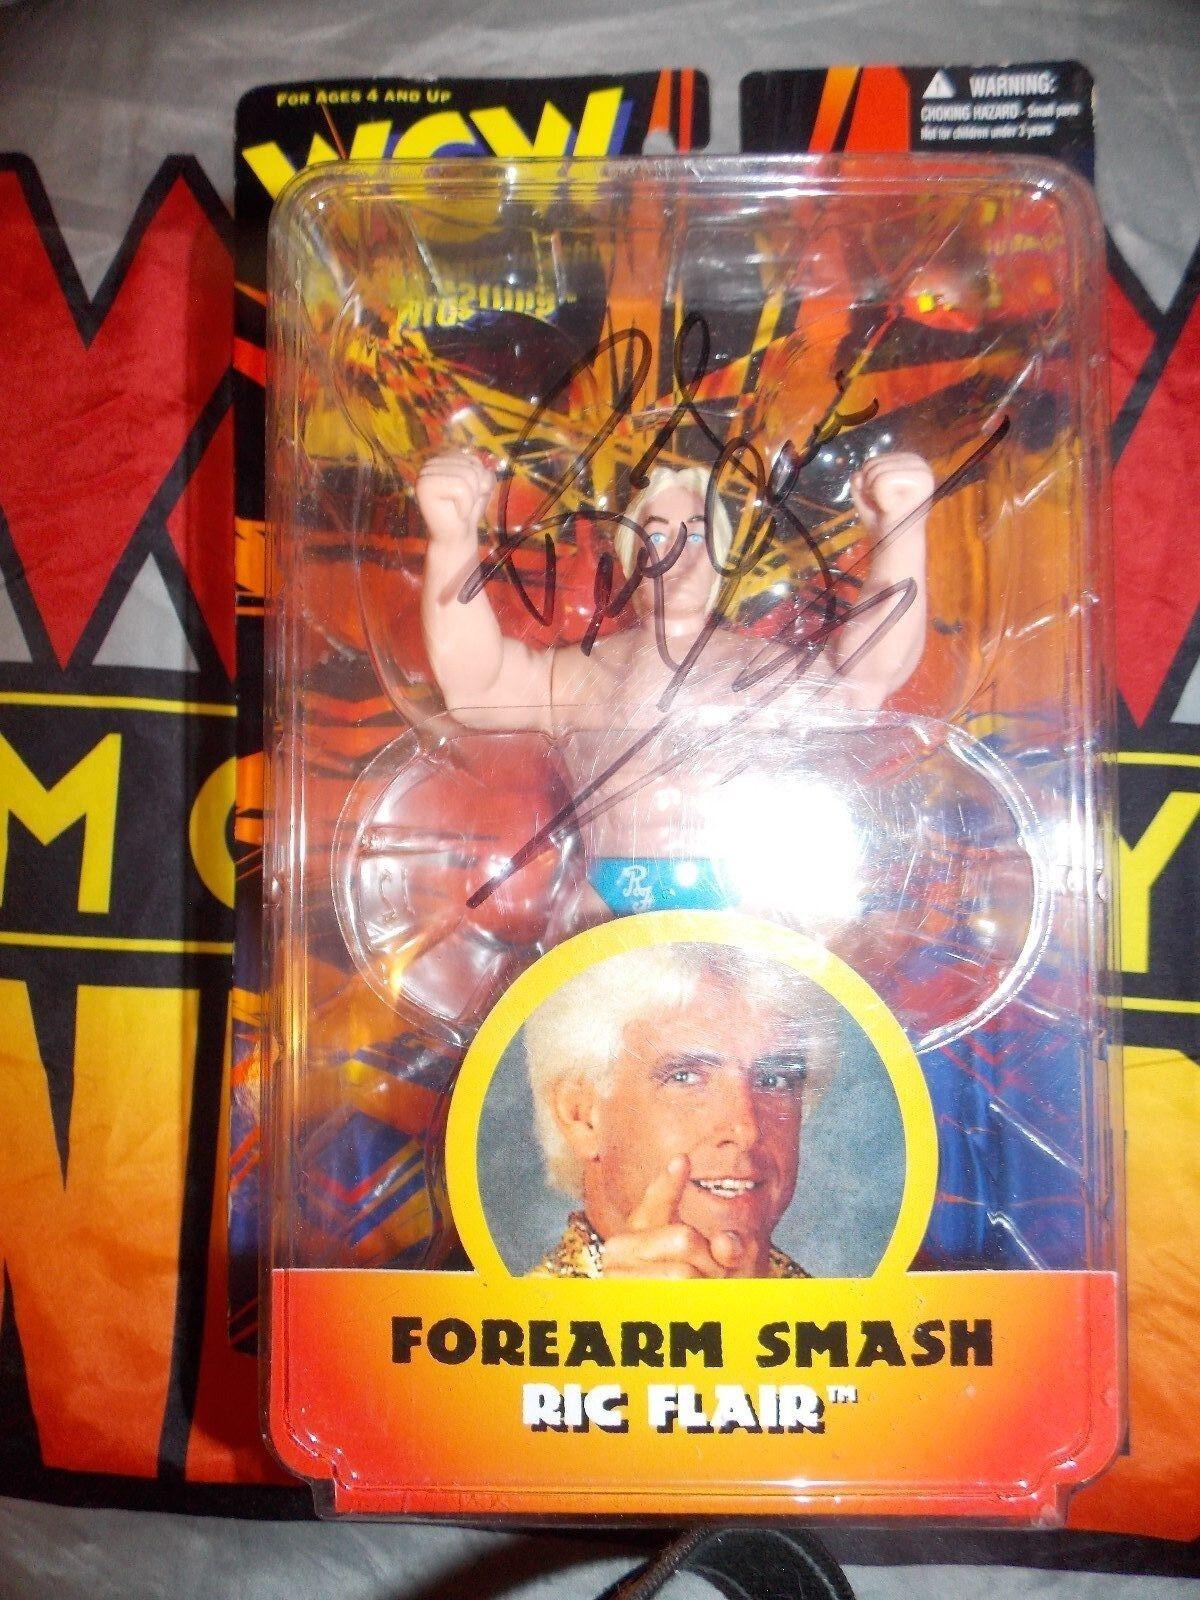 WCW OSFT Toymakers NATURE BOY RIC FLAIR Figure signé  dédicacé WWE WWF NWA  prix bas tous les jours